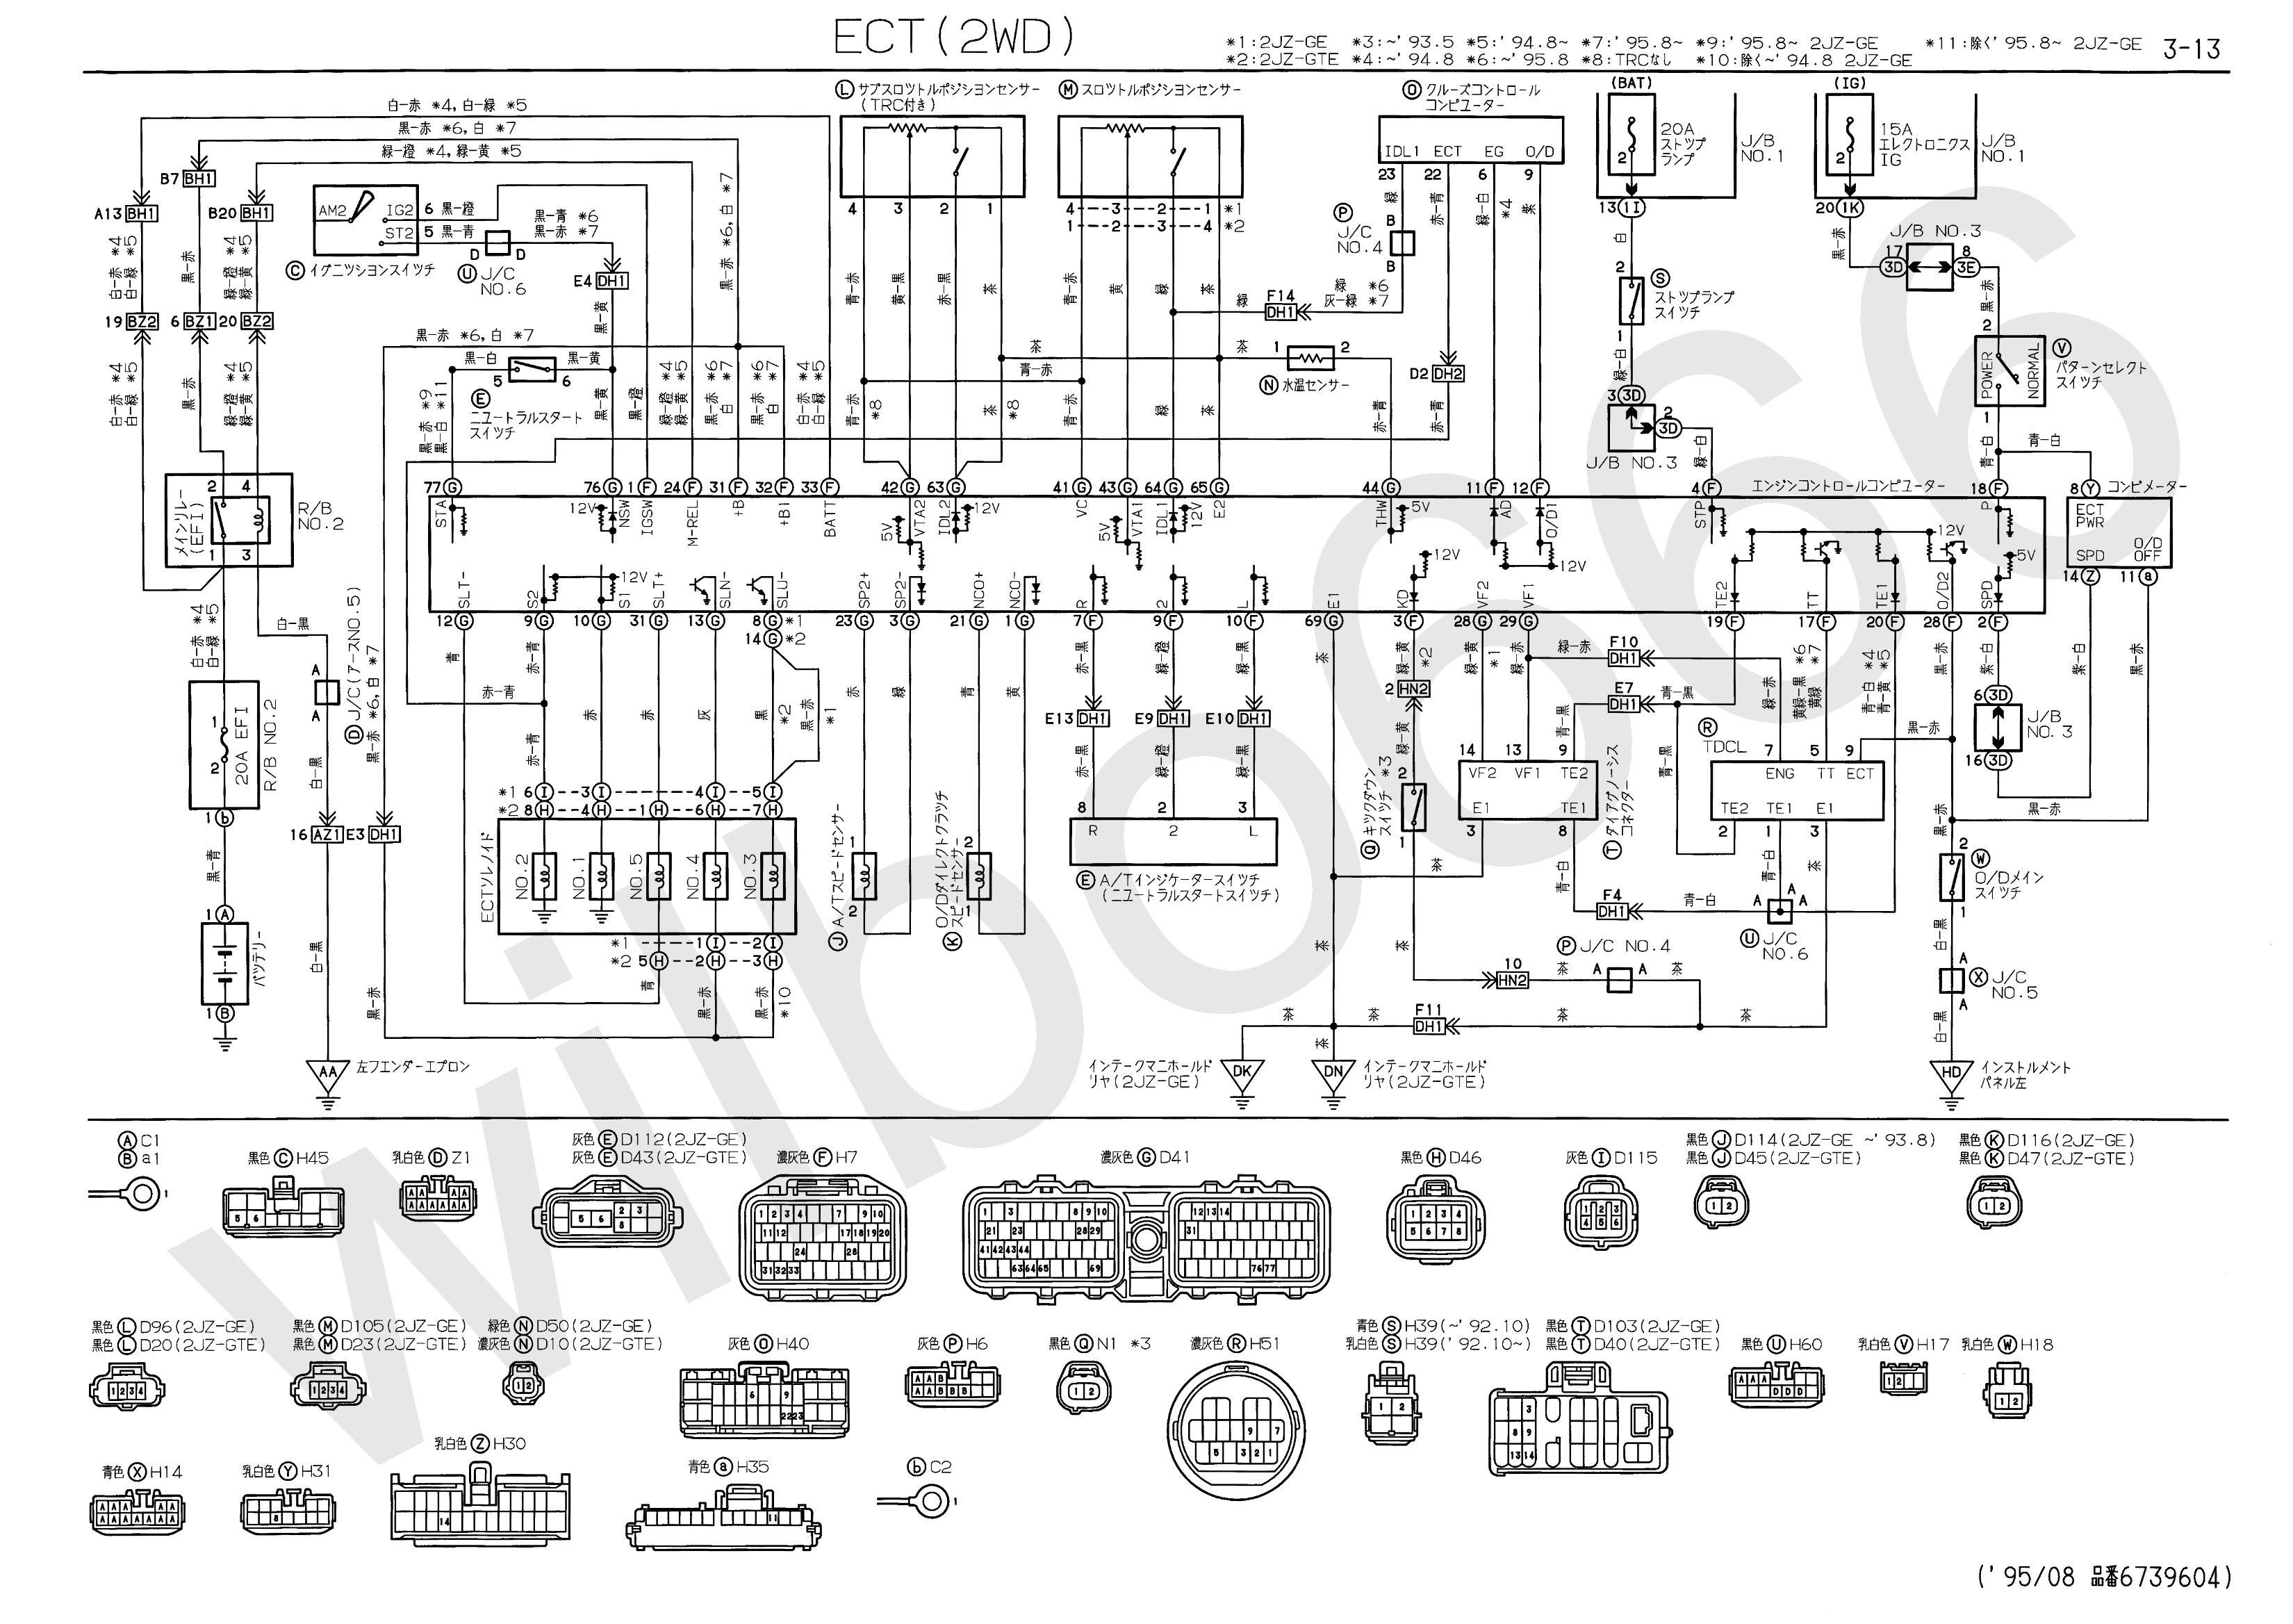 Car Engine Management System Block Diagram Wilbo666 2jz Gte Jzs147 Aristo Engine Wiring Of Car Engine Management System Block Diagram